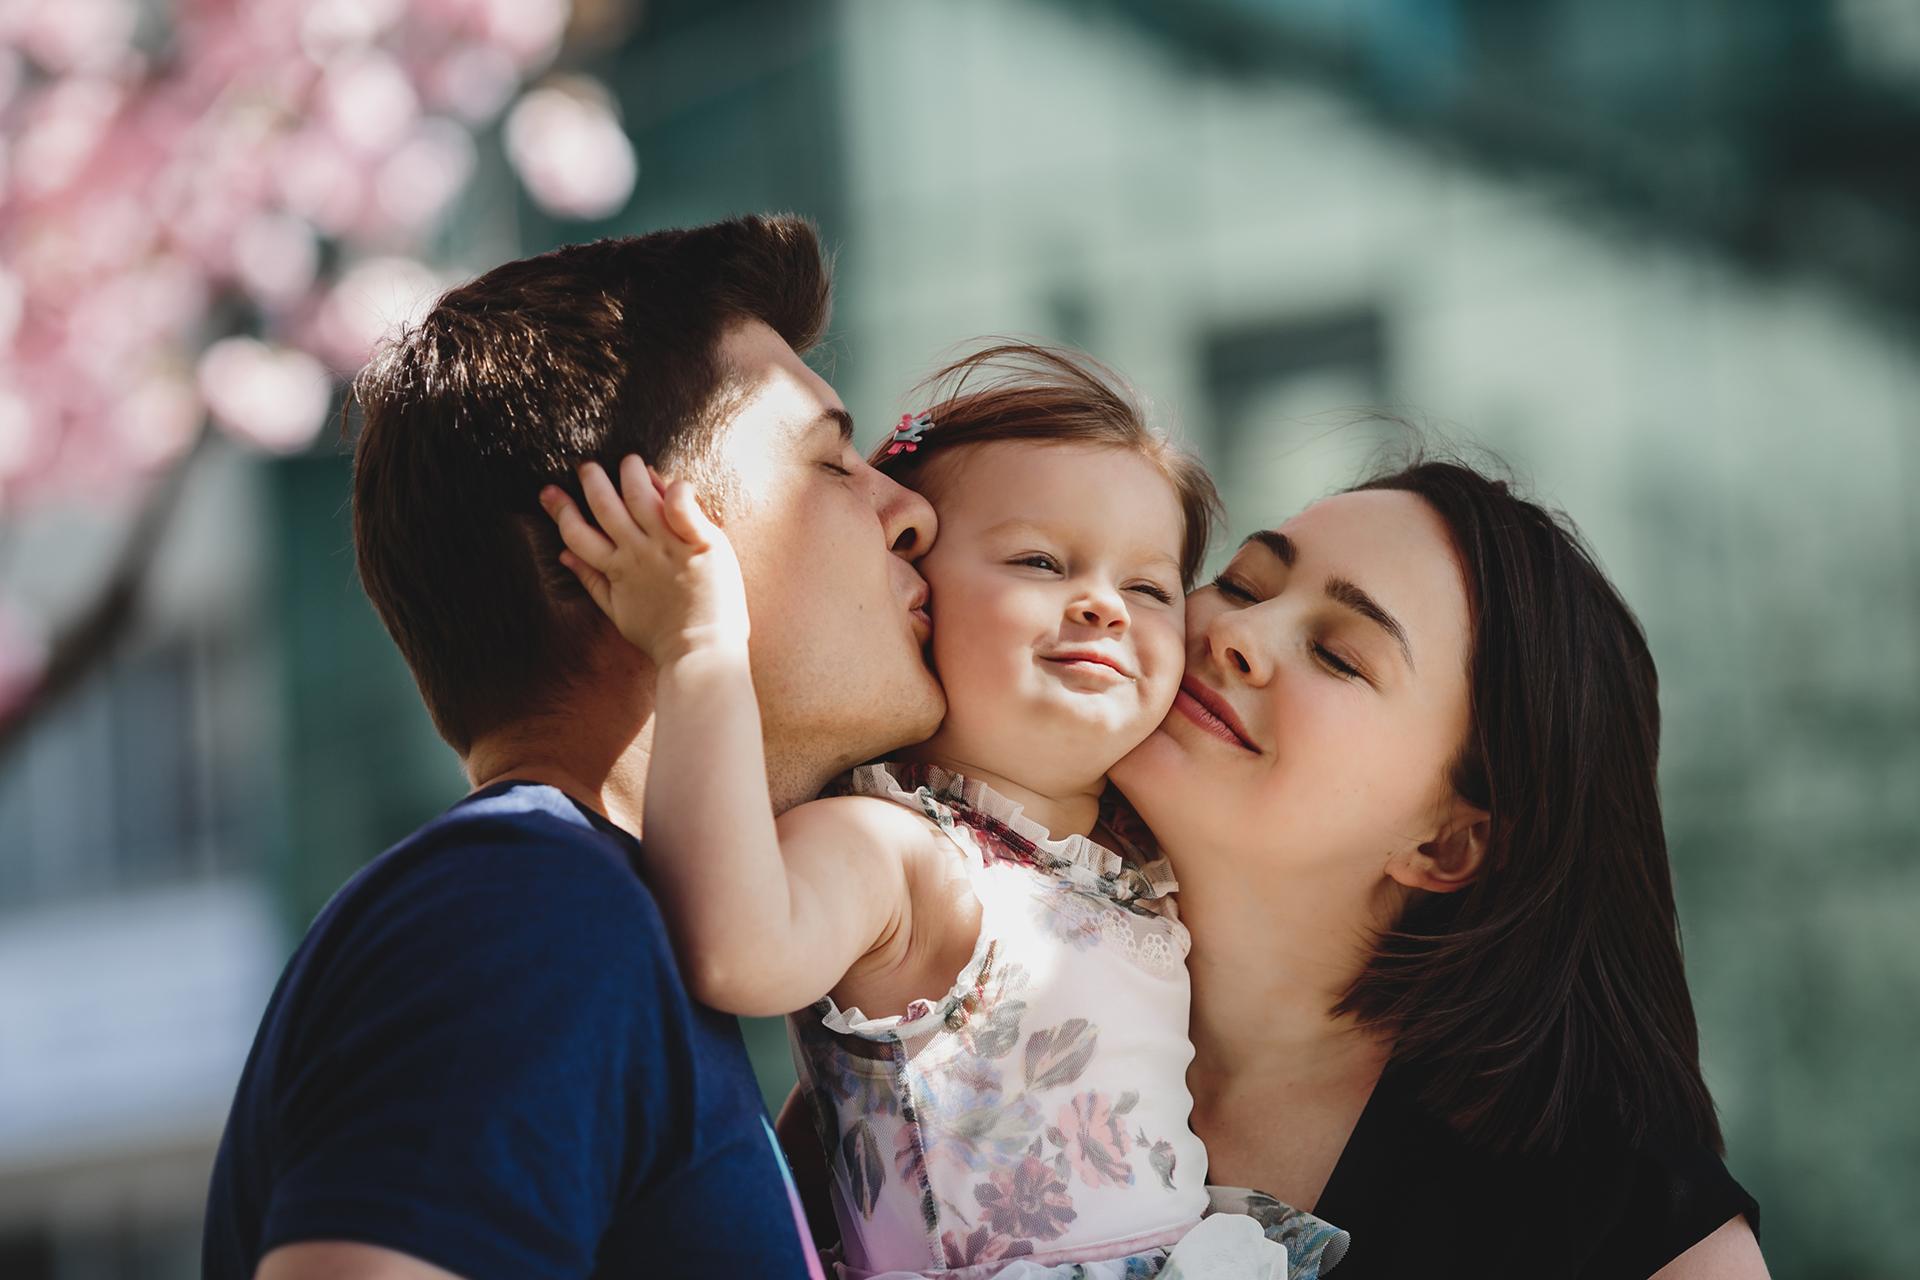 parent-1